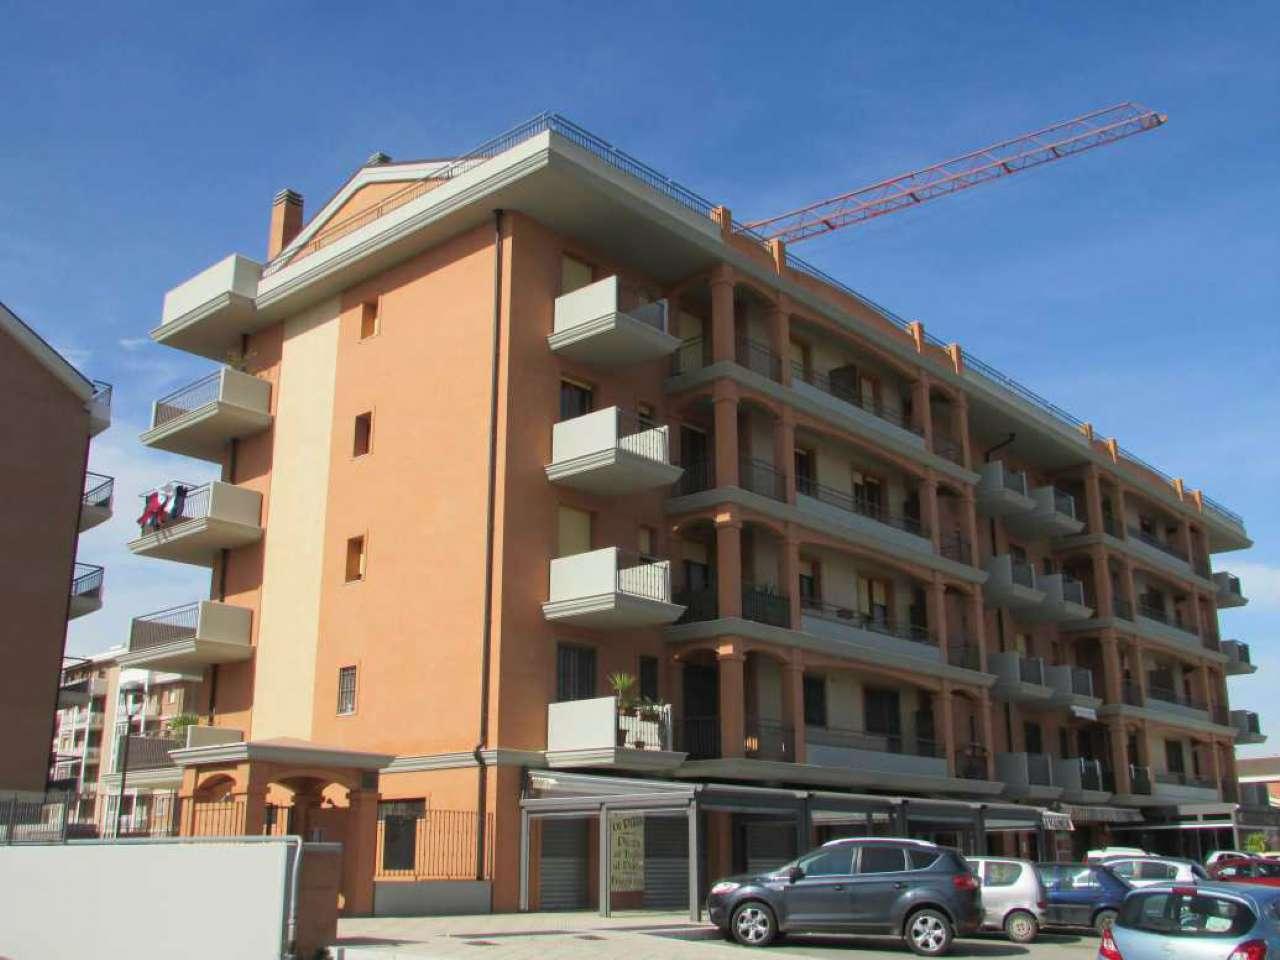 Appartamento in vendita a Foggia, 2 locali, Trattative riservate | CambioCasa.it